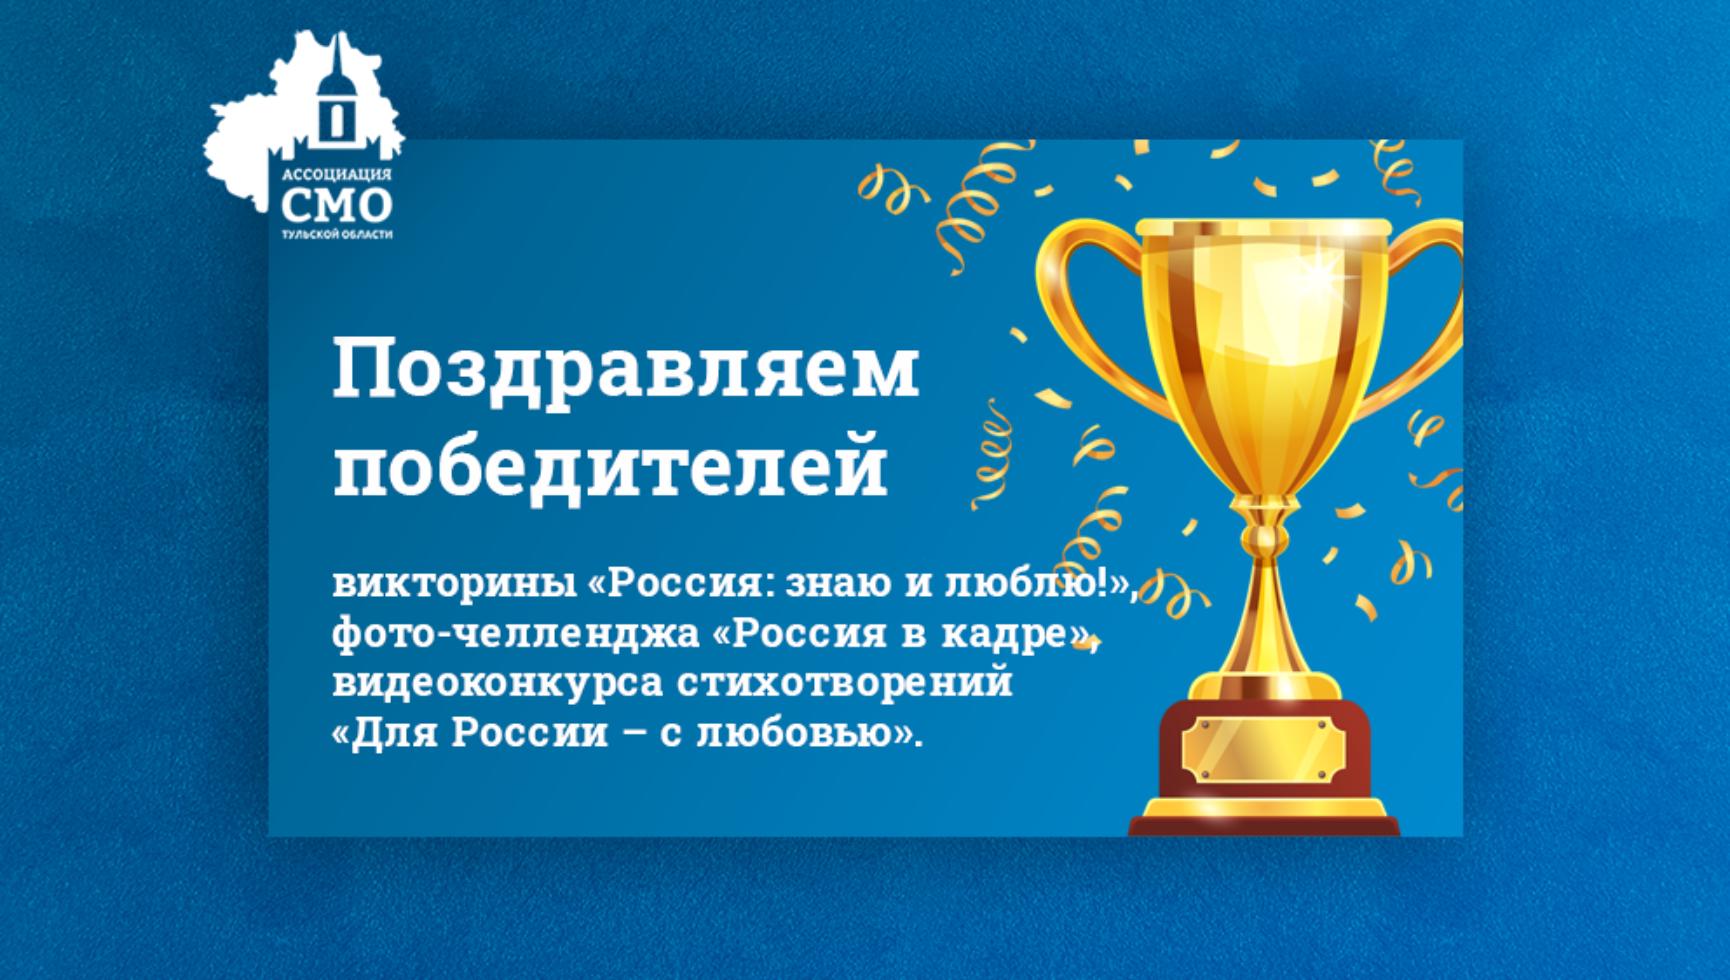 Определены победители наших онлайн мероприятий, приуроченных ко Дню России!